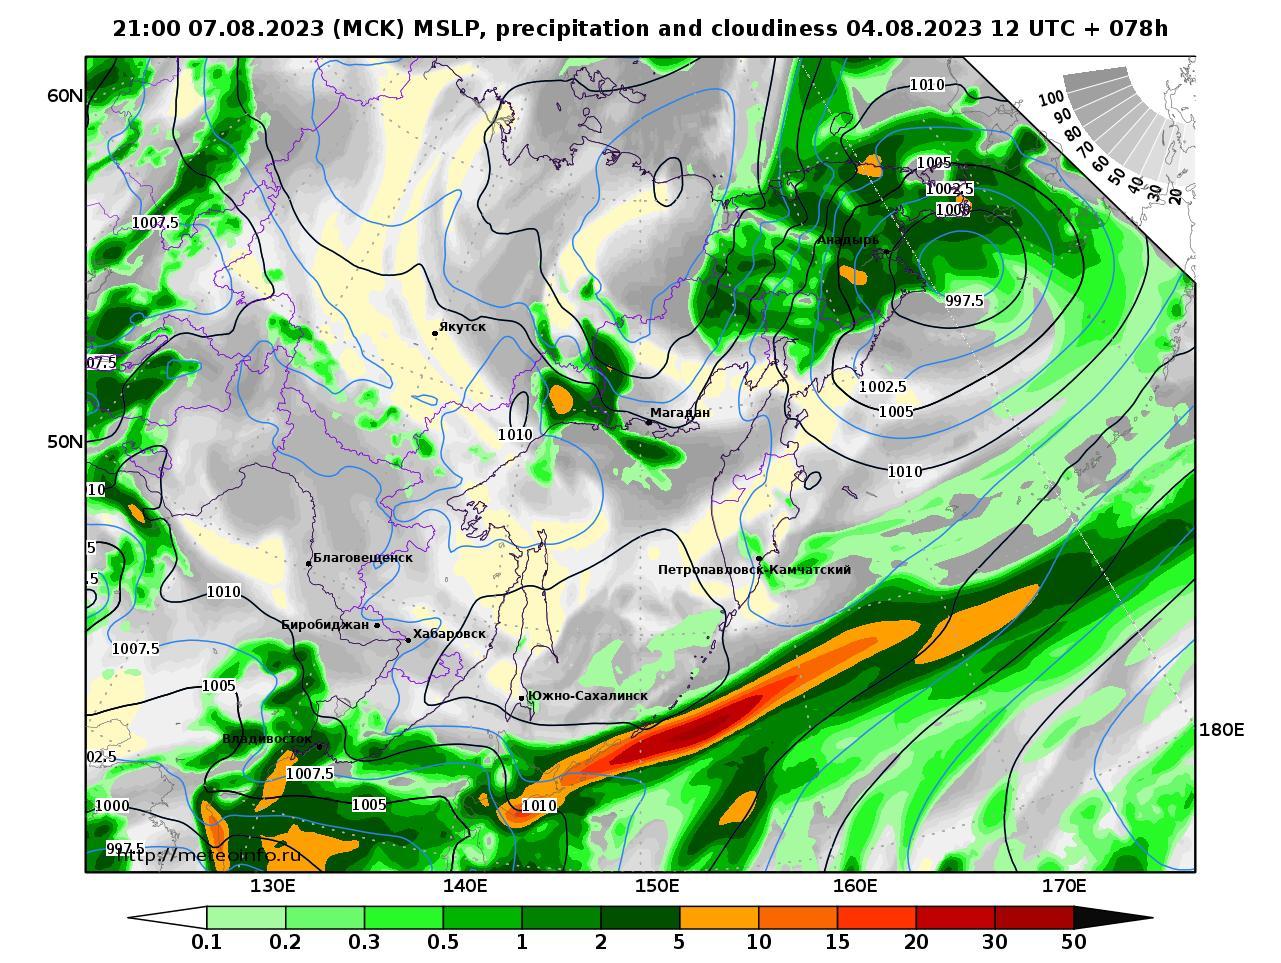 Дальний Восток, прогностическая карта осадки и давление, заблаговременность прогноза 78 часов